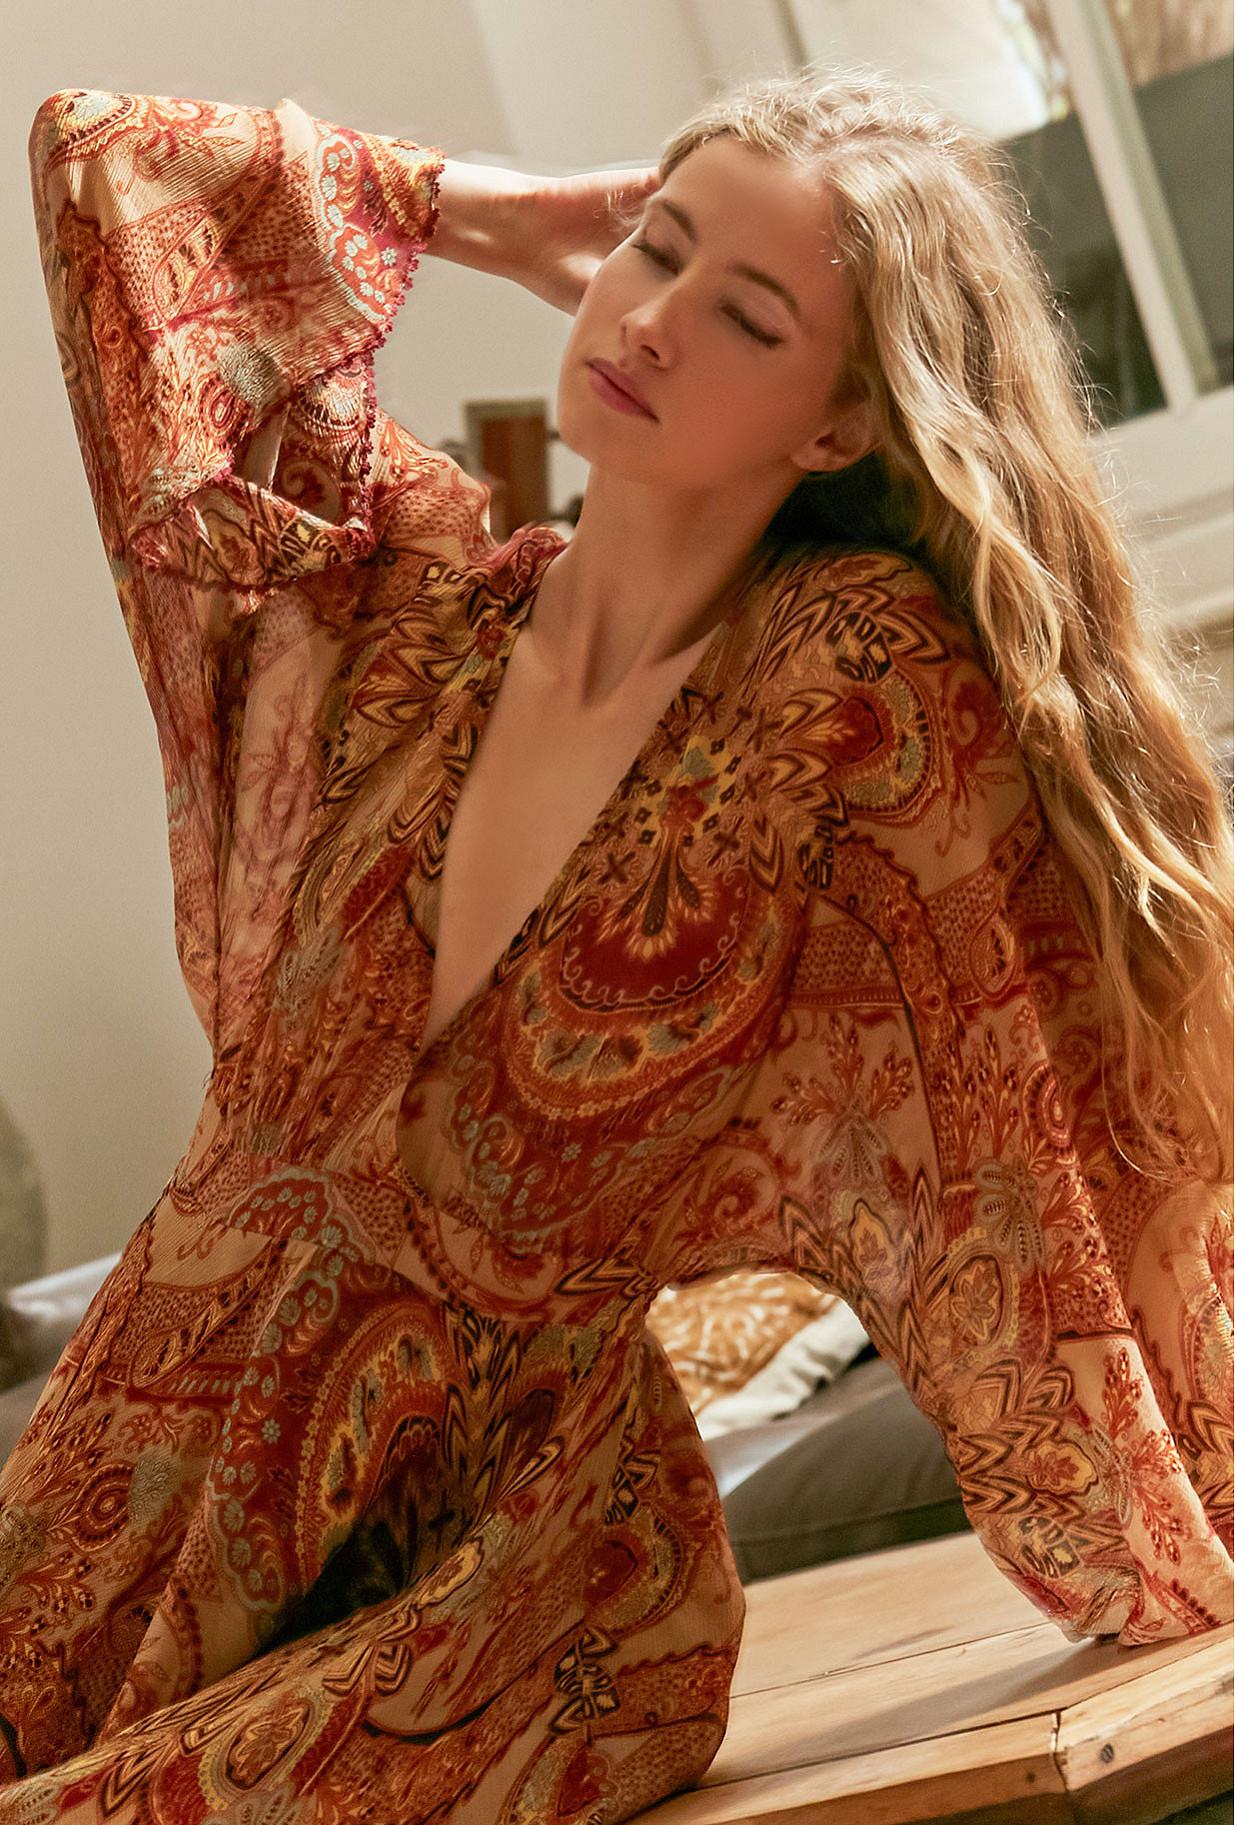 Floral print  Dress  Lauren Mes demoiselles fashion clothes designer Paris